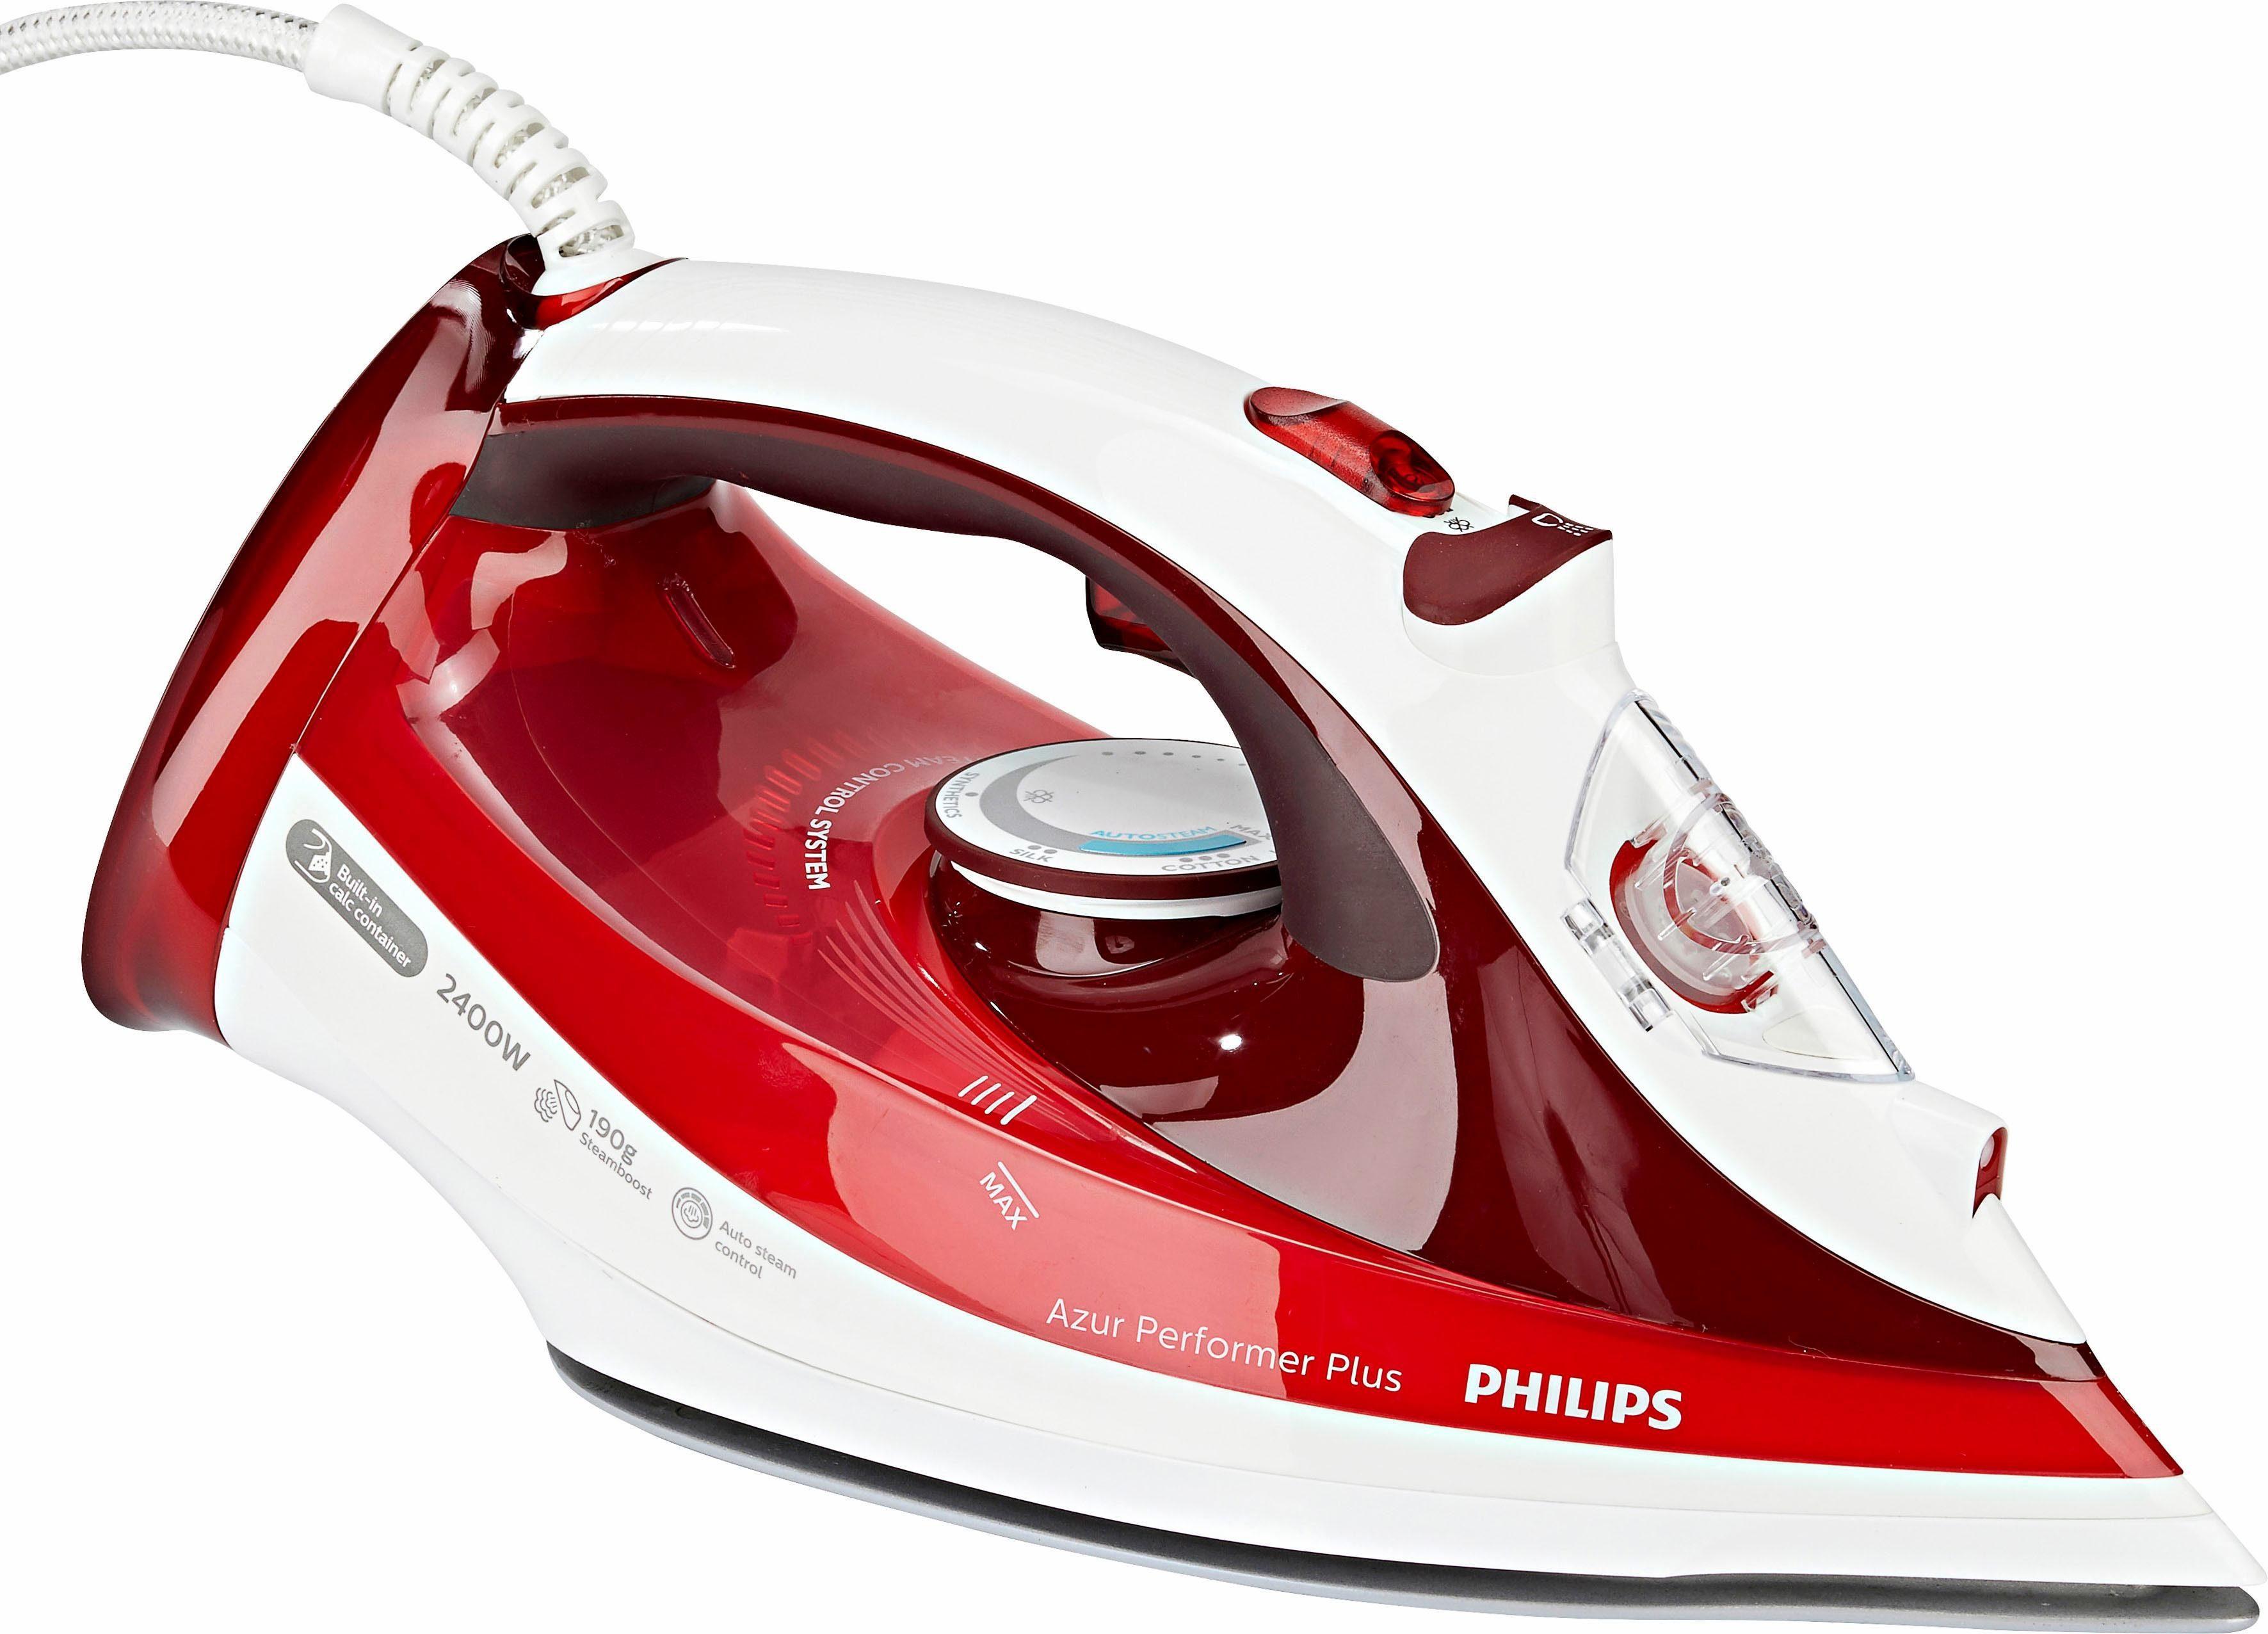 Philips Dampfbügeleisen GC4516/40 Azur Performer Plus, 2400 Watt